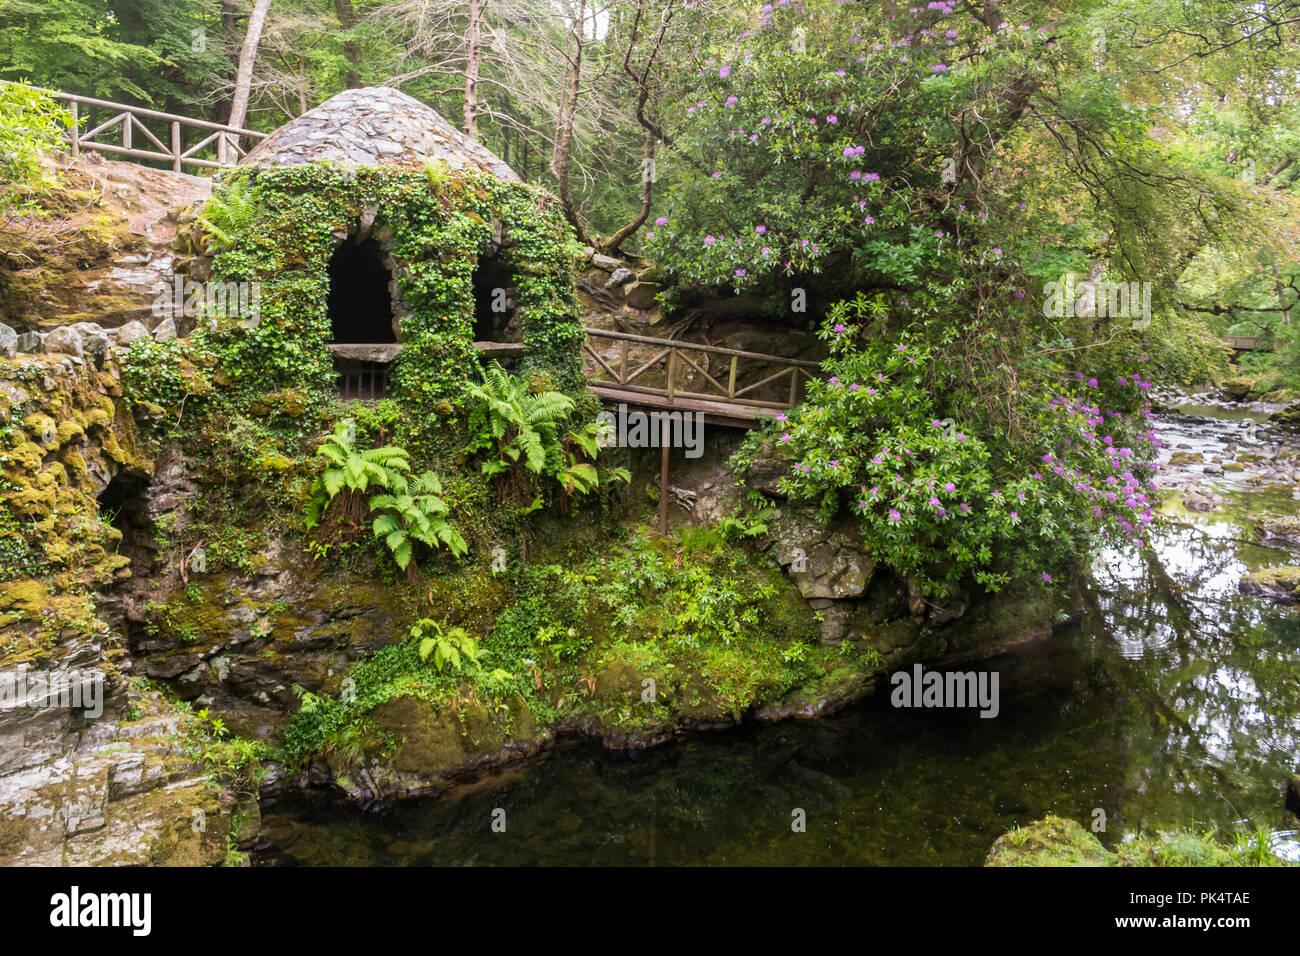 La ermita y el río, la Ermita En Tollymore Park, es un bonito refugio de piedra cubierto de hiedra en un paseo junto al río Shimna Foto de stock